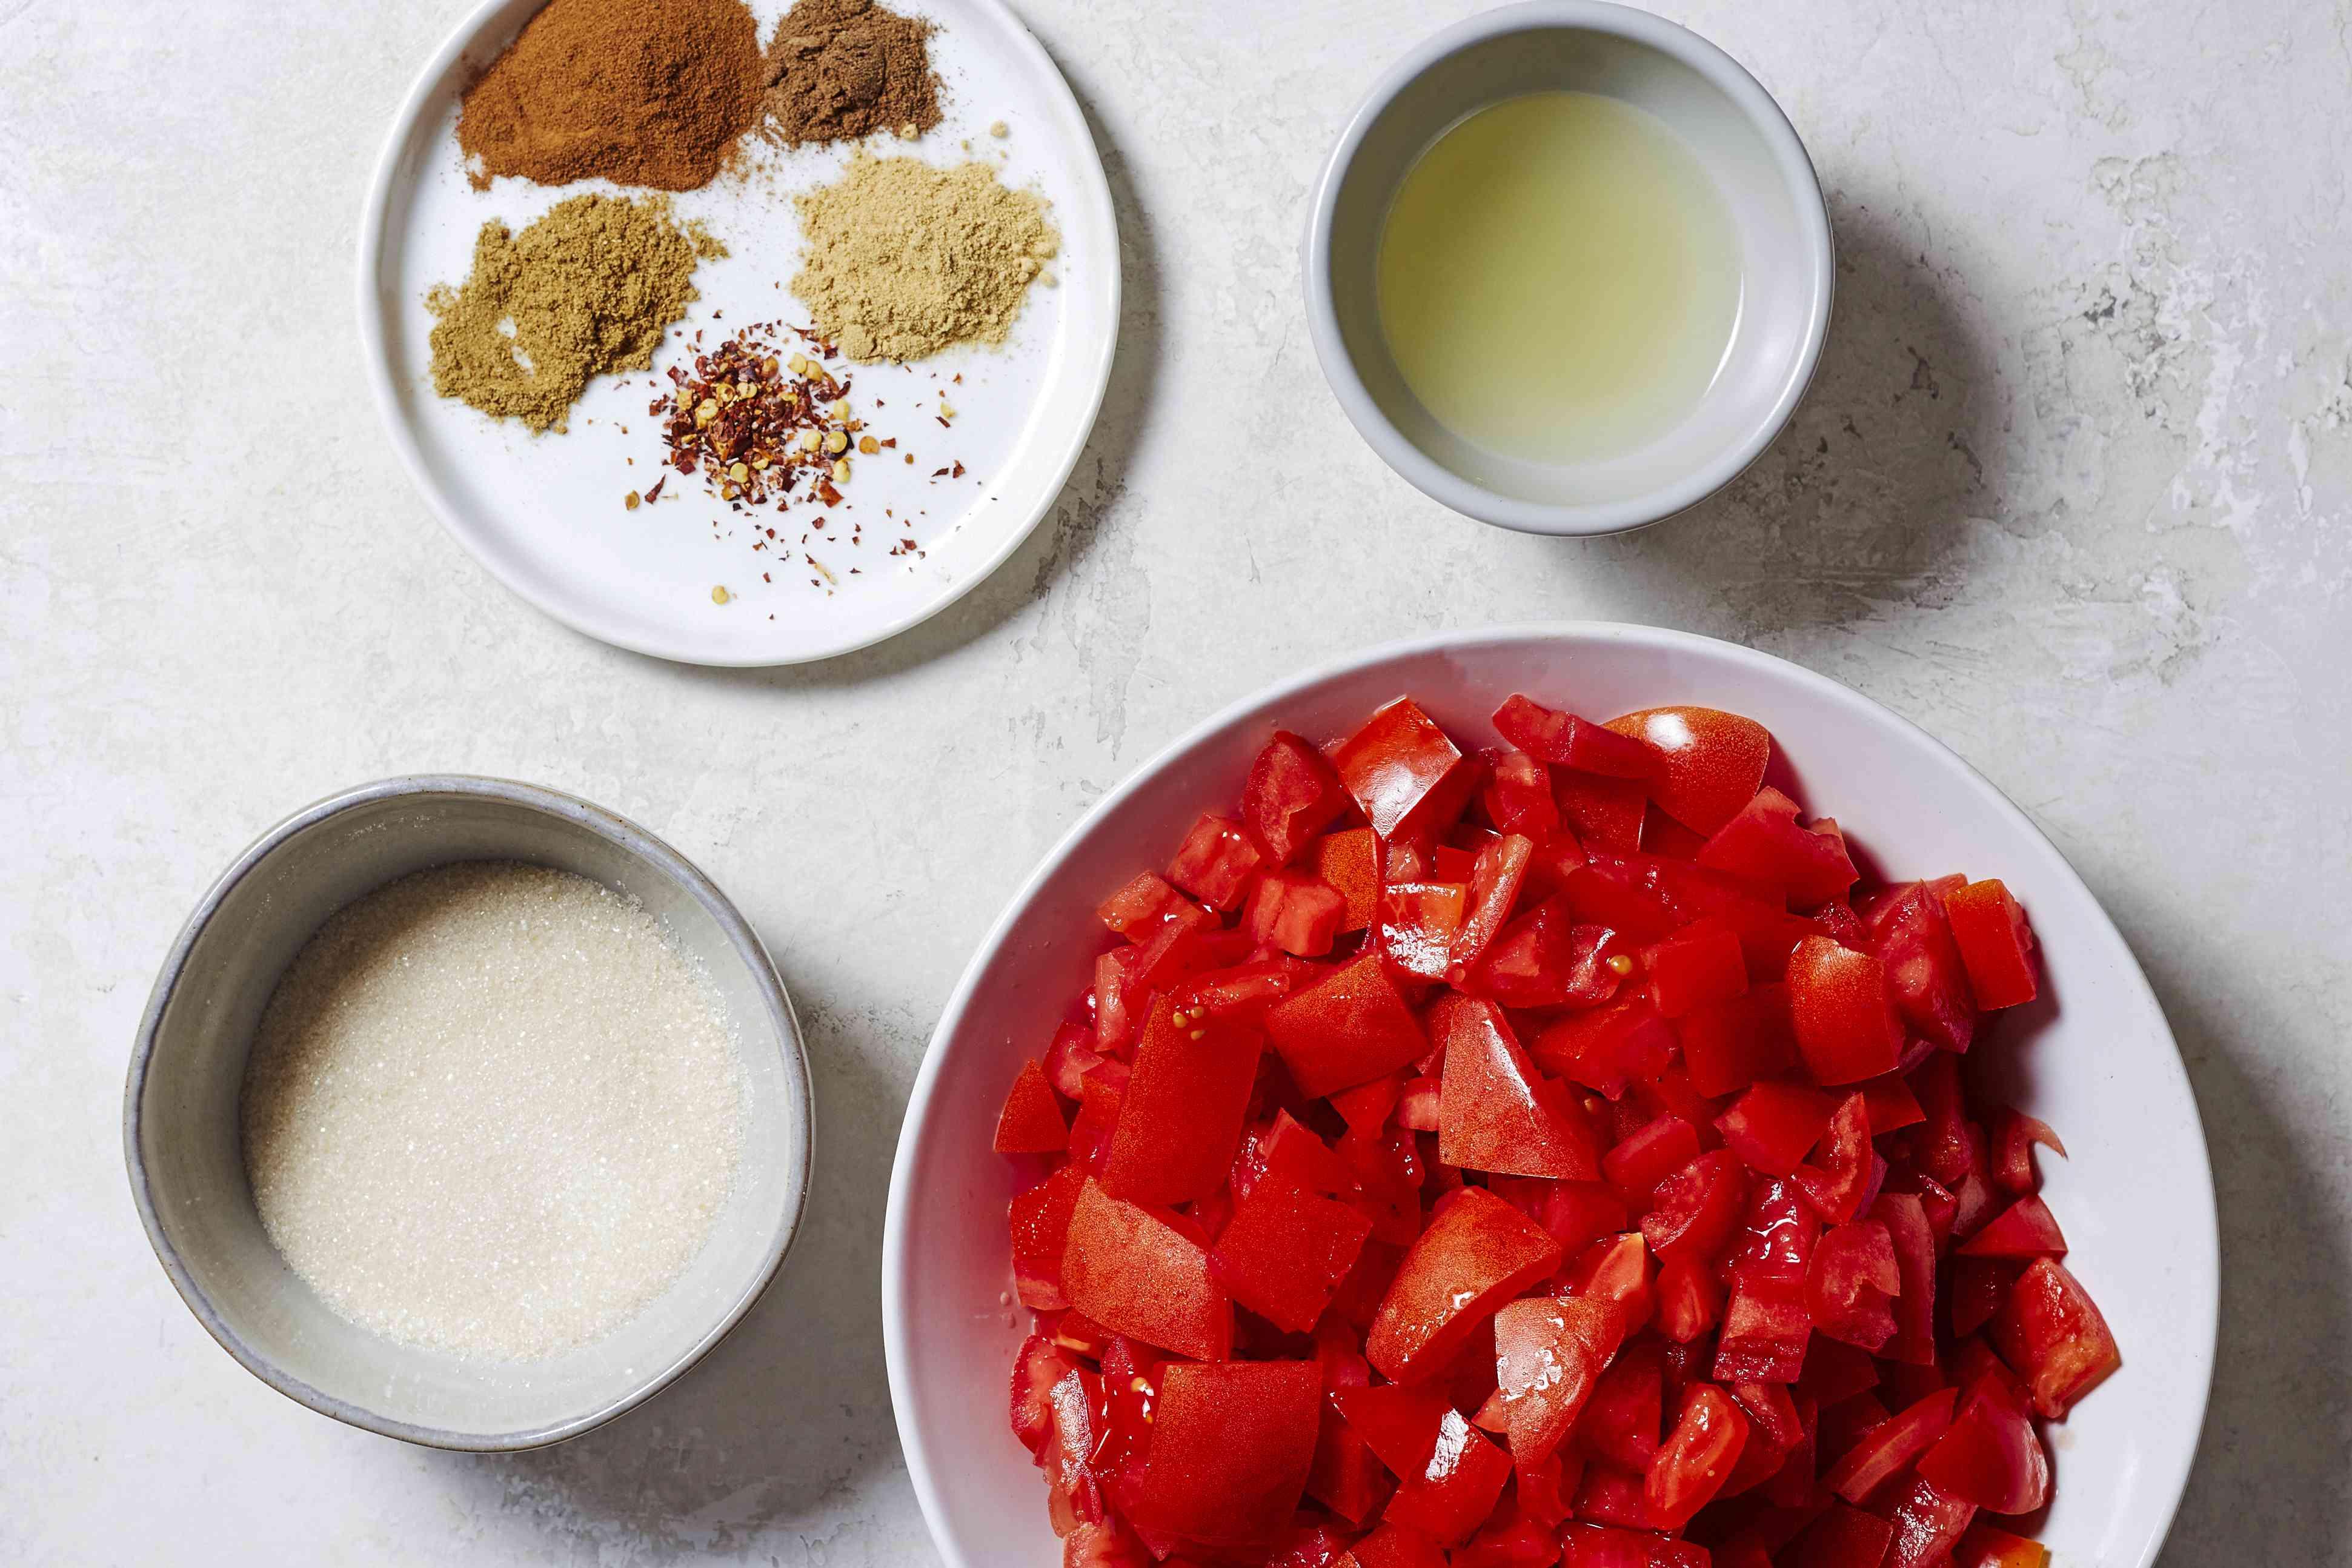 Spicy Tomato Jam ingredients